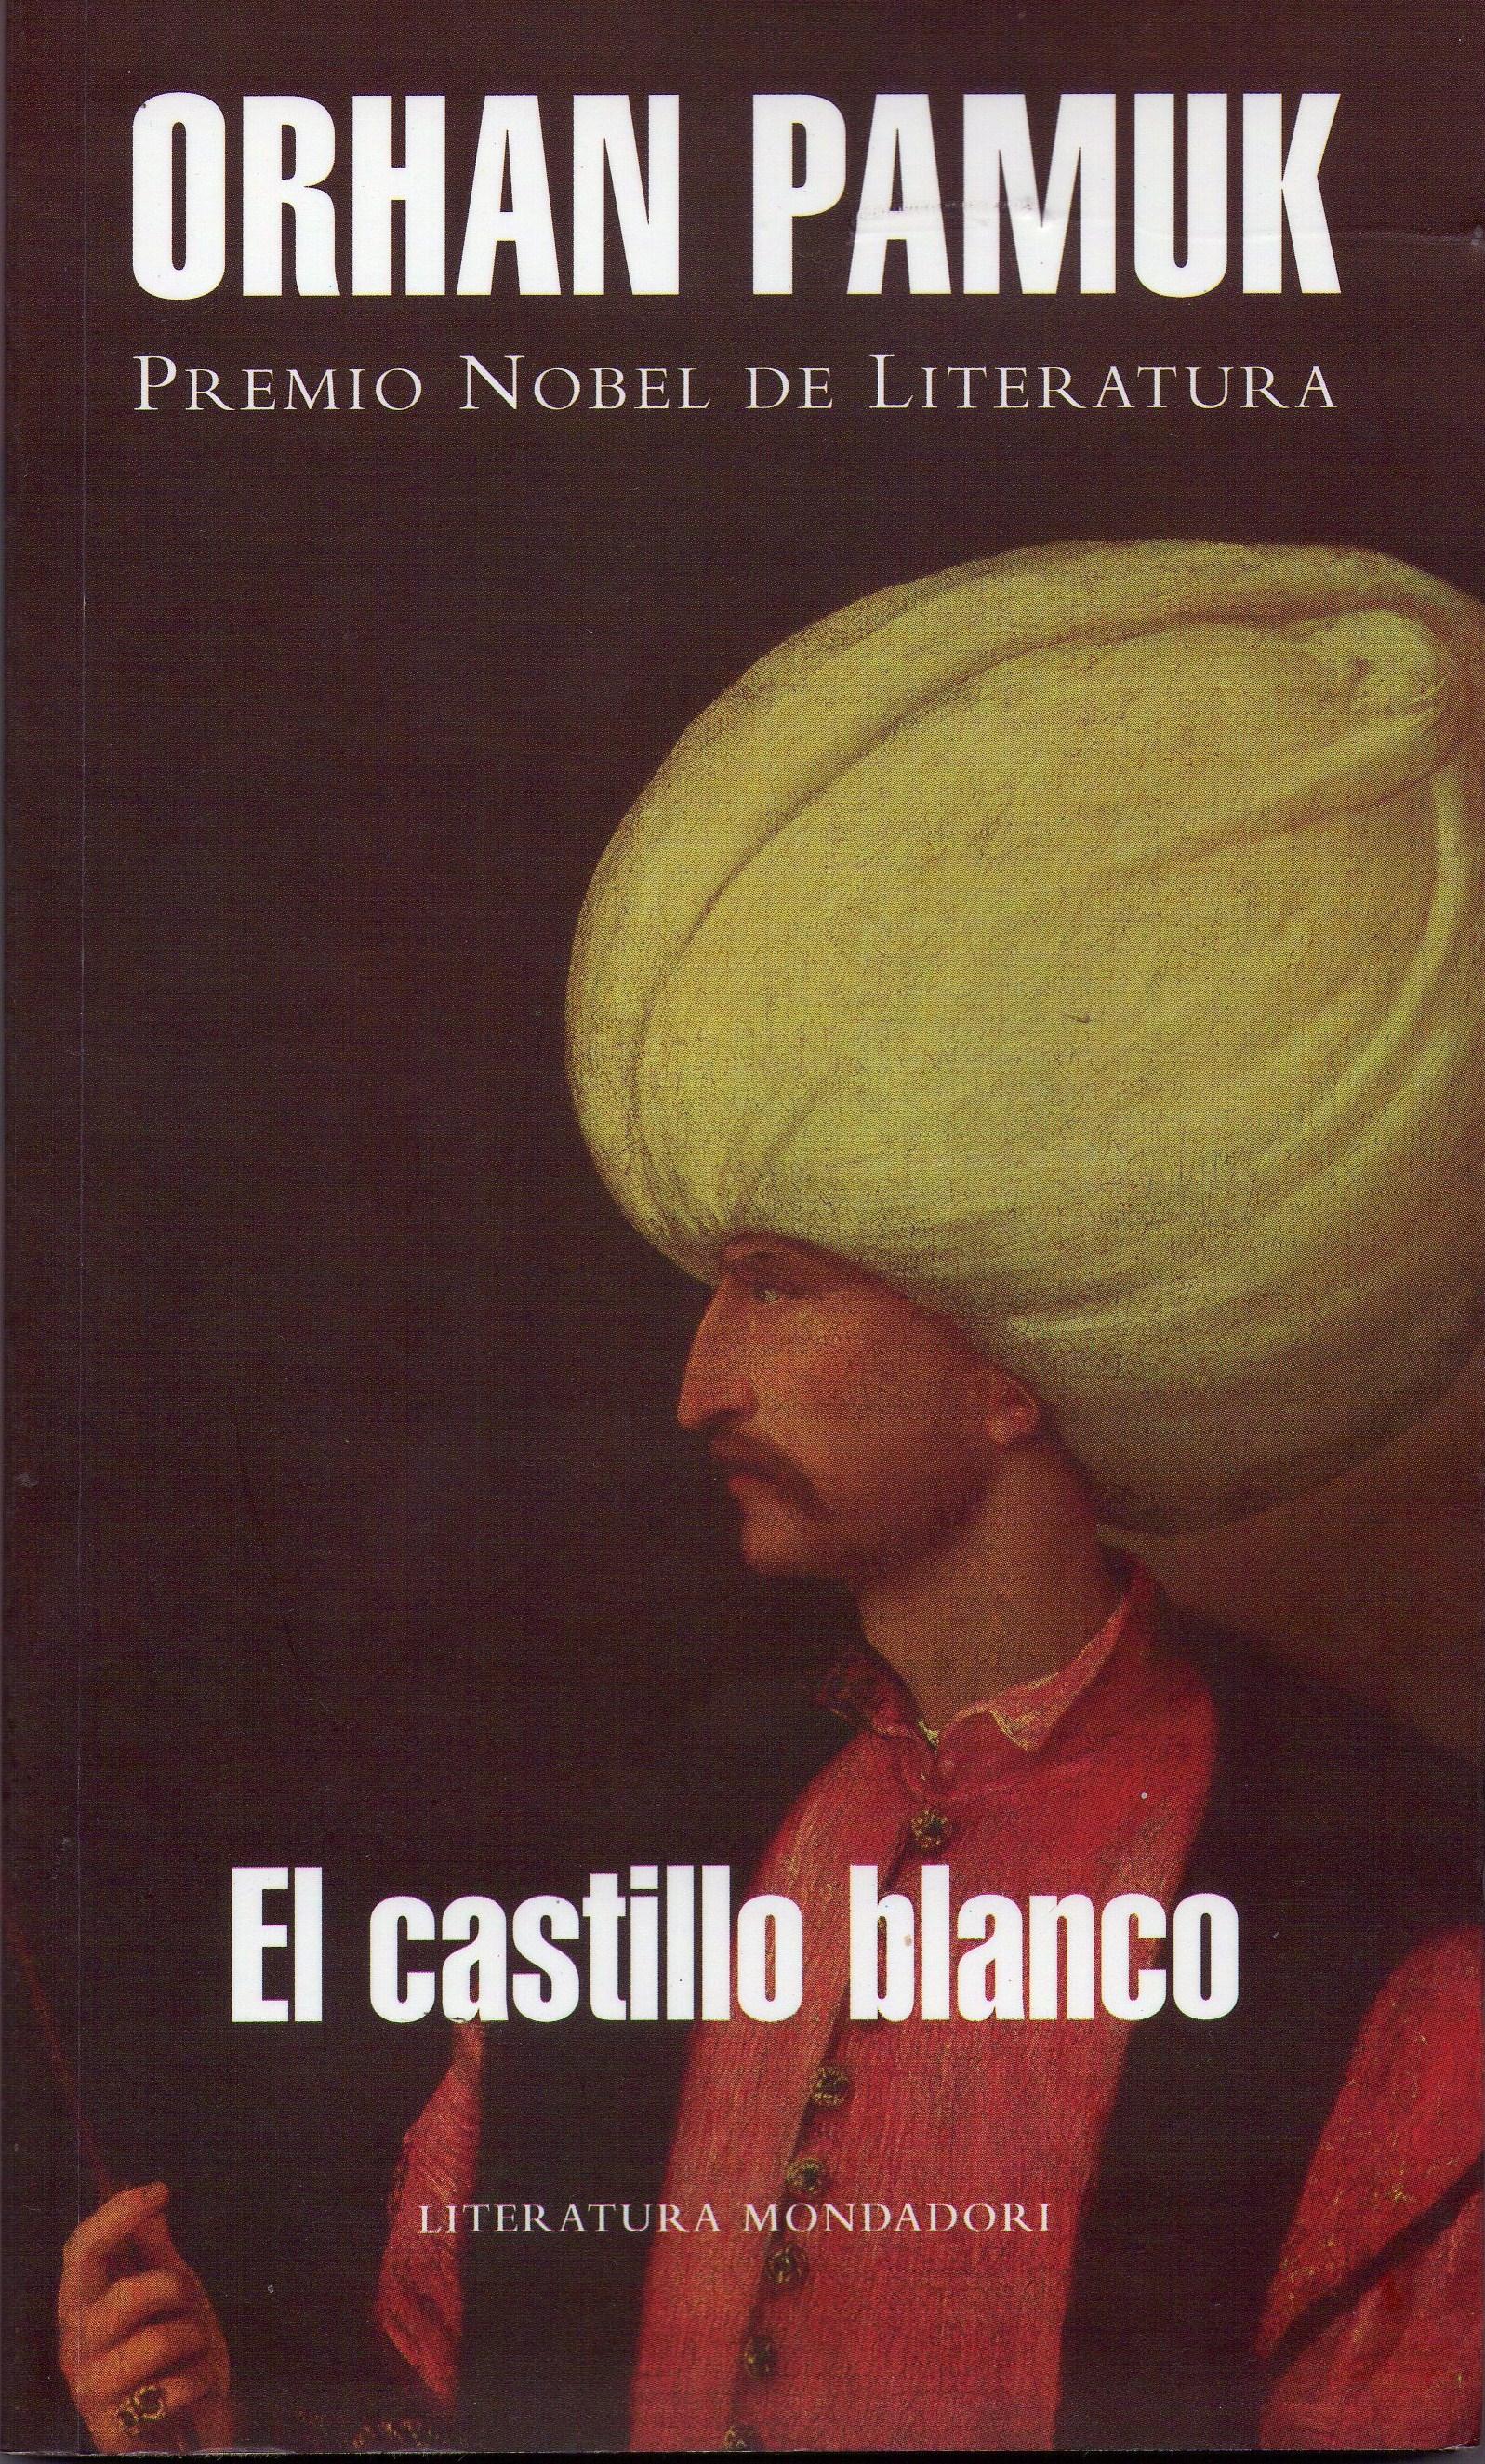 EL CASTILLO BLANCO, de Orhan Pamuk